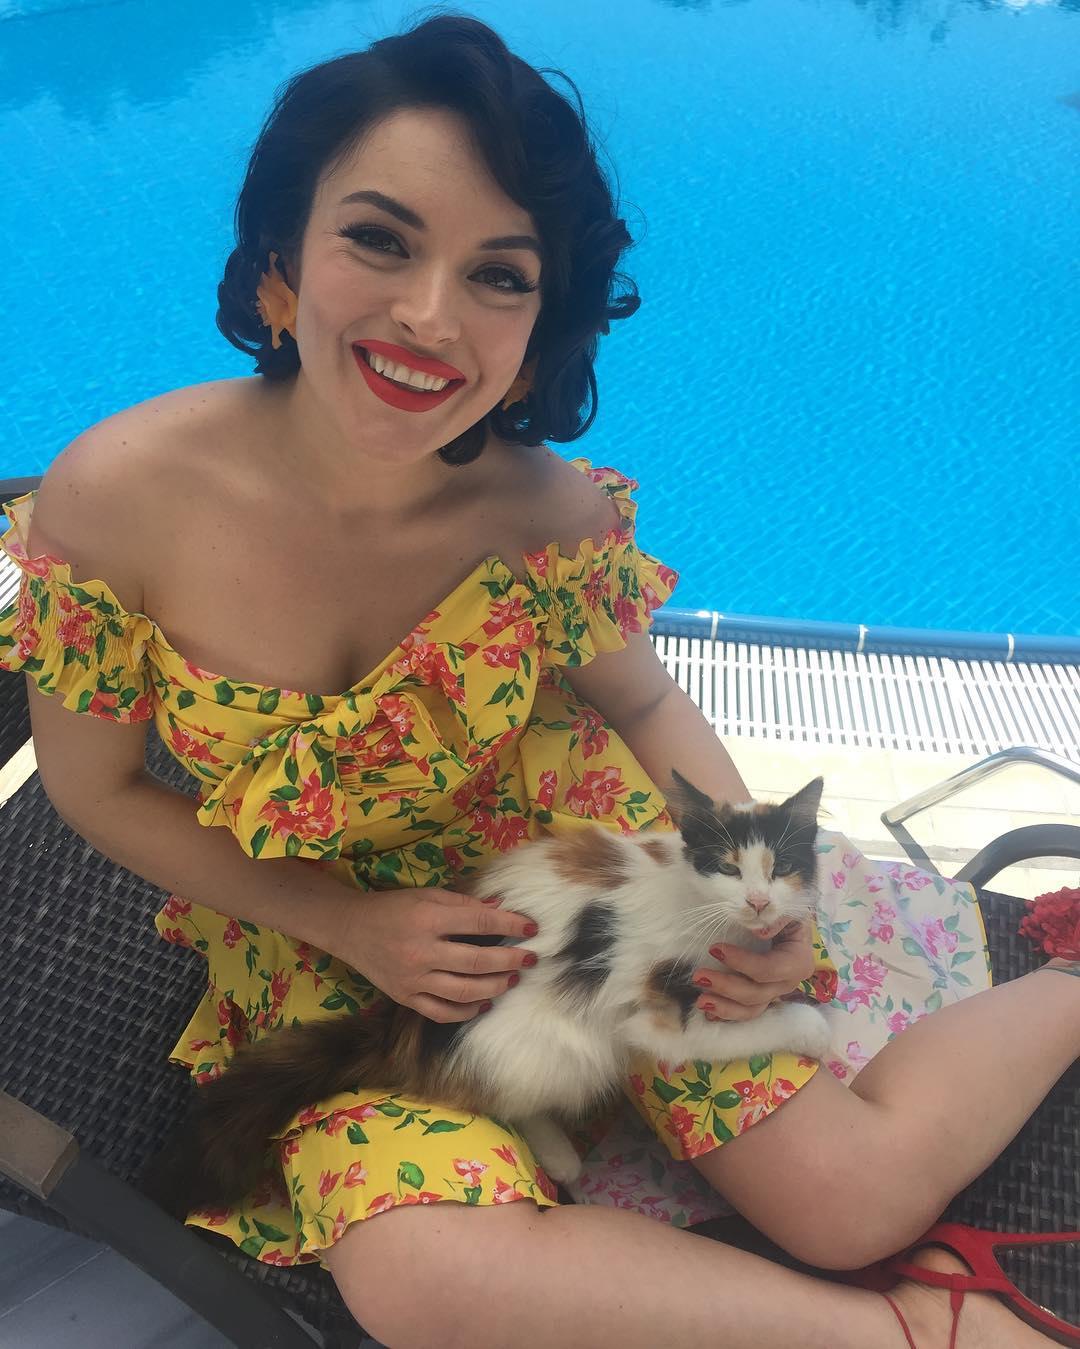 Türkiye'nin en büyük Ezgi Mola resim galerisi bu sitede. En seksi Türk ünlü kadınlar, Cesur instagram paylaşımları. Tatilde sexy bikinisiyle yürek hoplatan pozlar verdi.